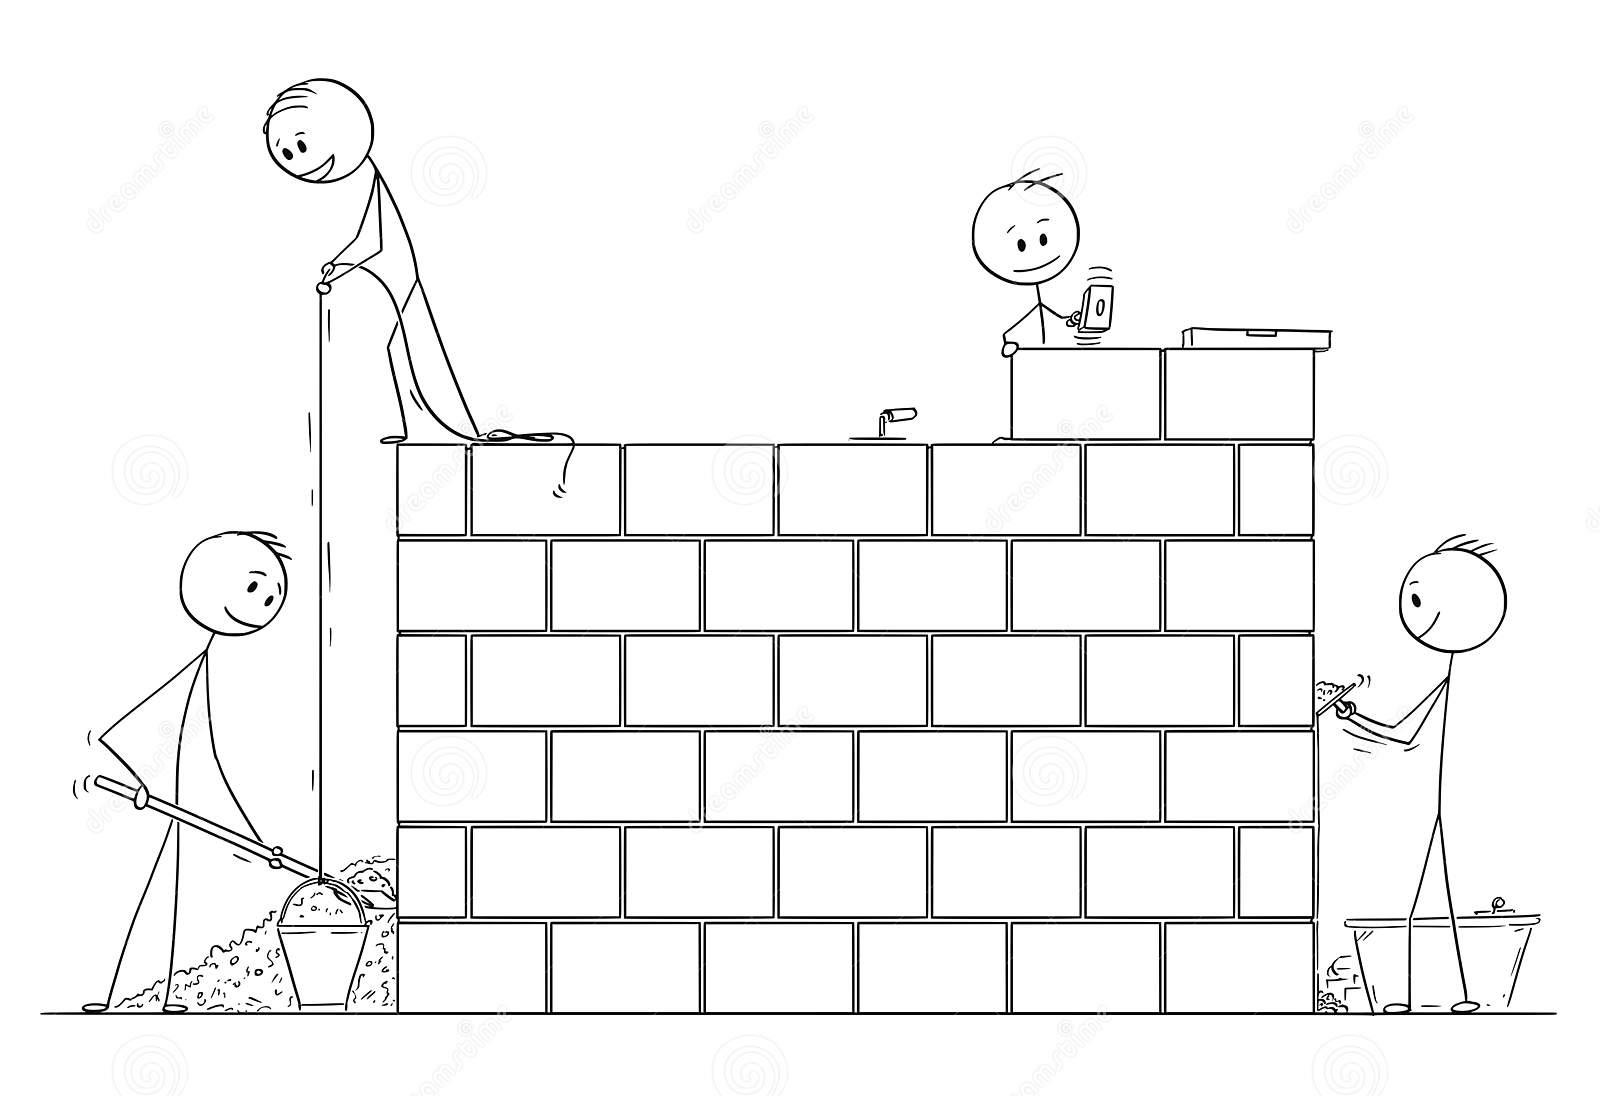 materiał ścian zewnętrznych , jaki wybrać? budowa domu